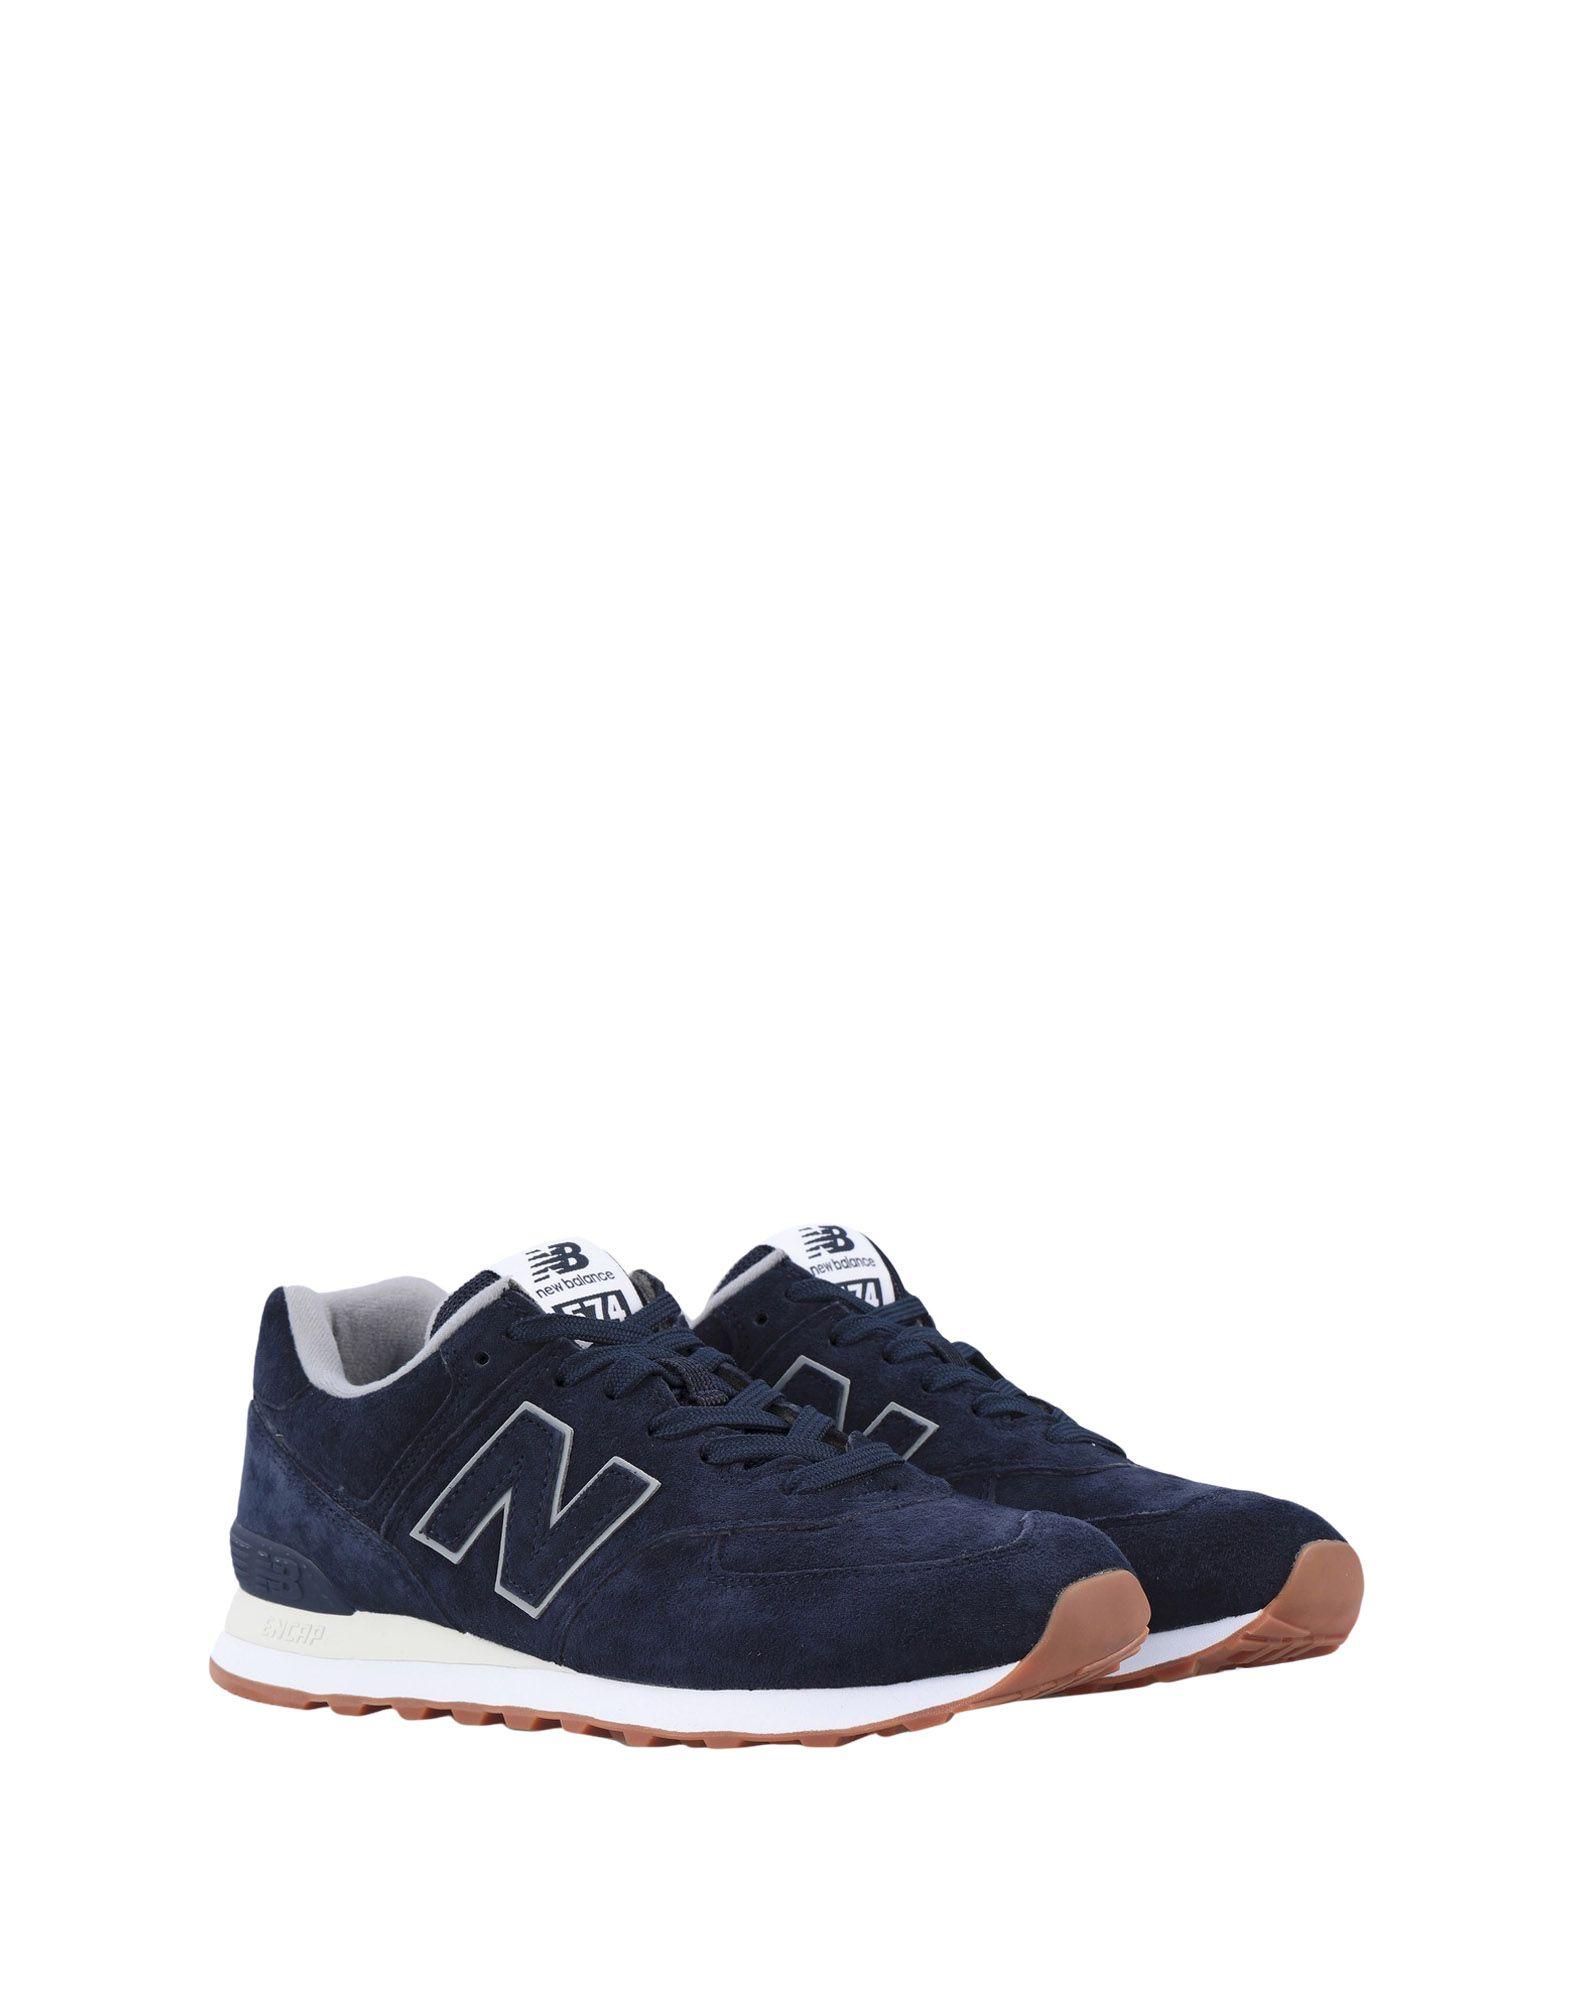 Rabatt echte Schuhe New Balance 11553839DW 574 Full Pigskin  11553839DW Balance a4d96e